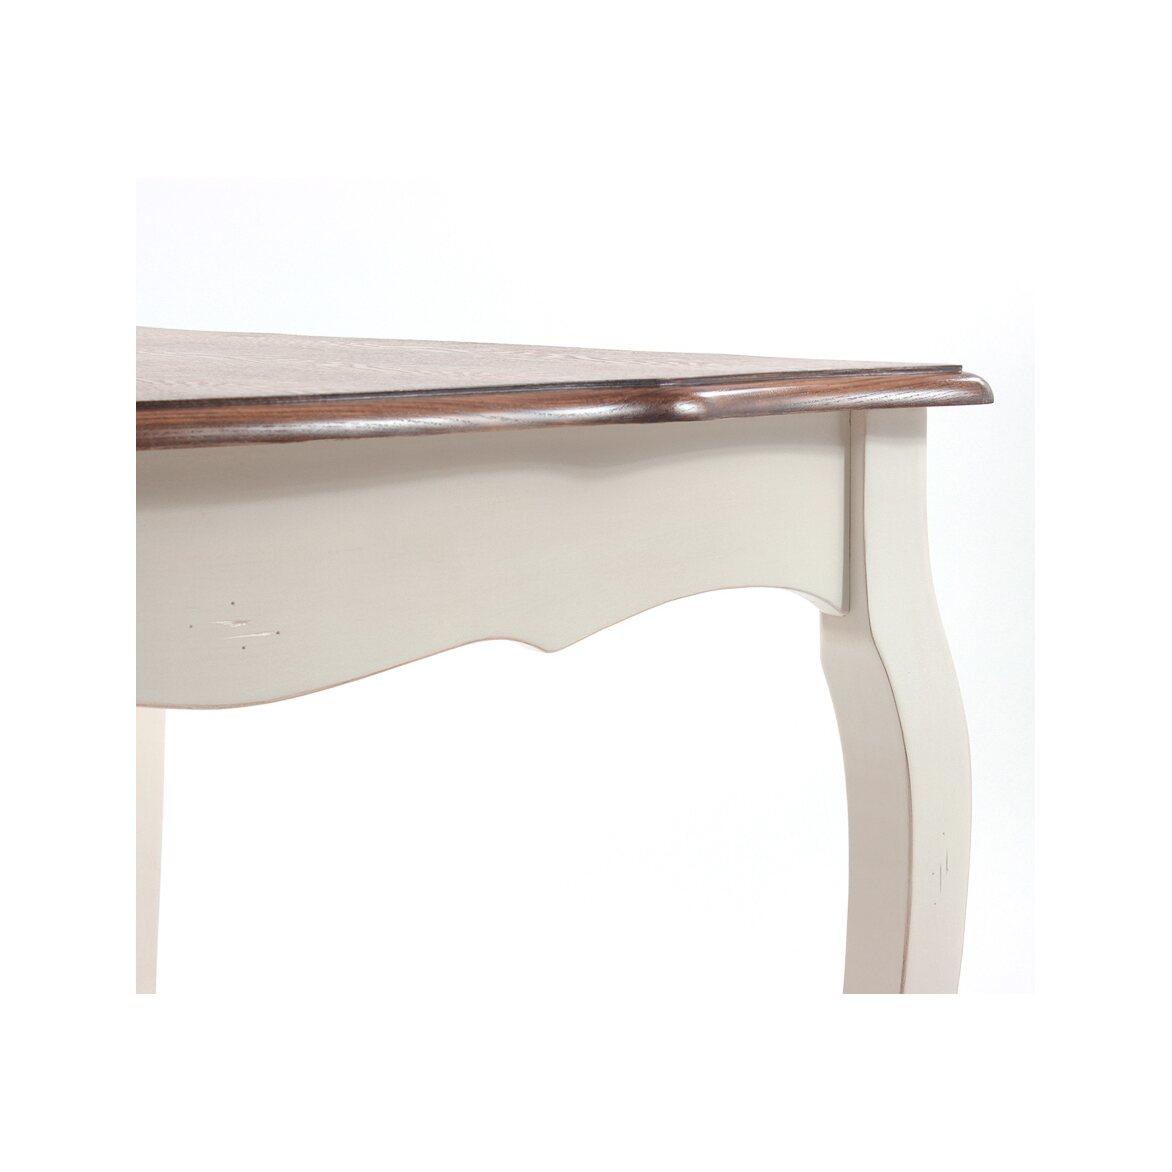 Обеденный стол раскладной Leontina, бежевого цвета 6   Обеденные столы Kingsby